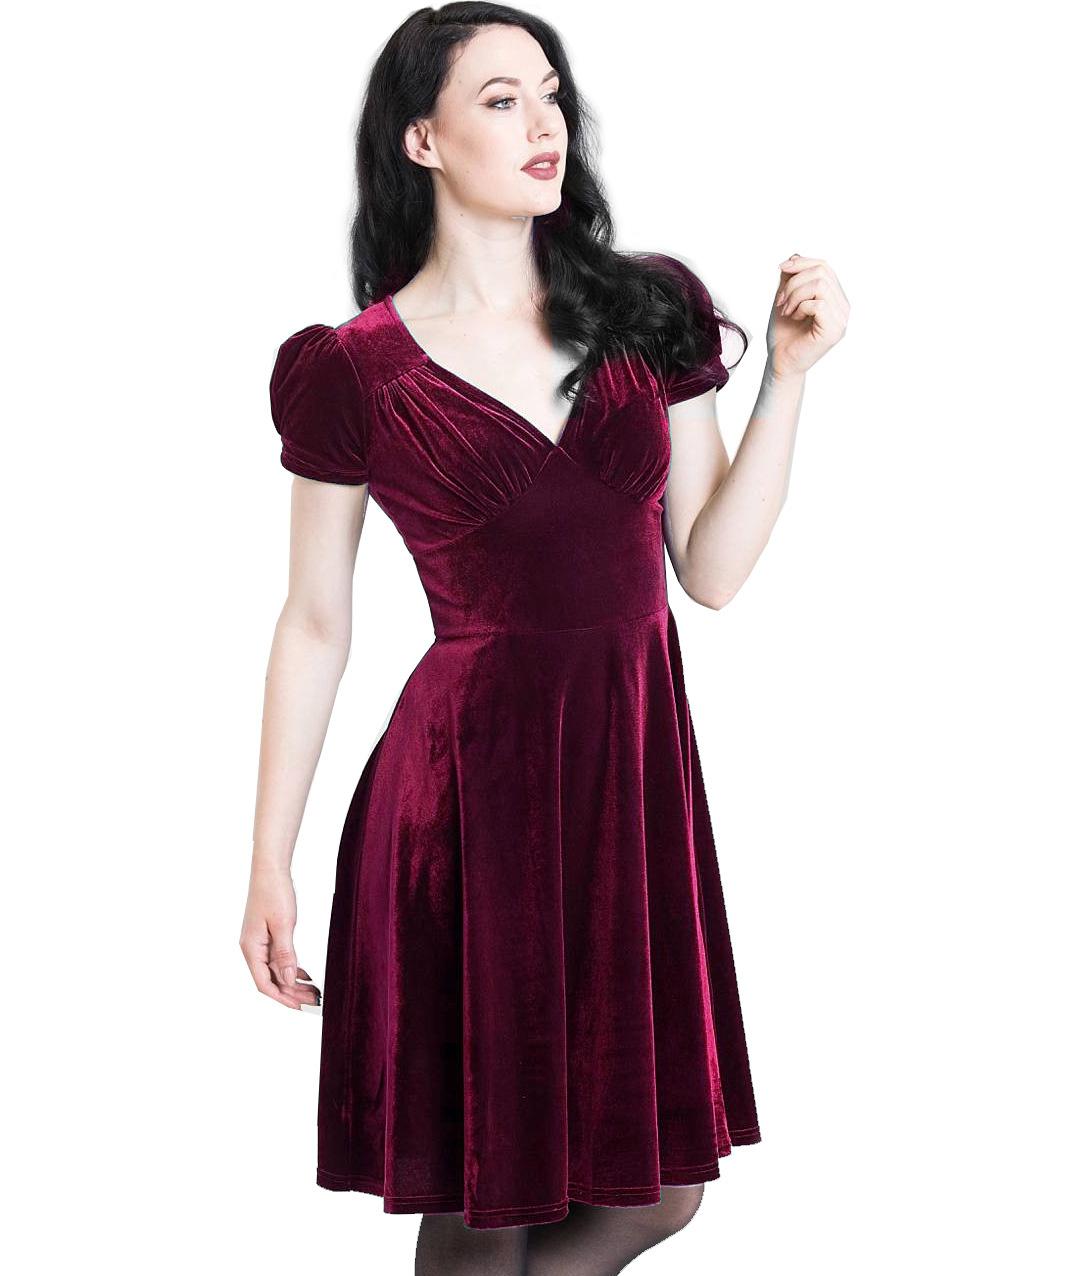 Hell-Bunny-40s-50s-Elegant-Pin-Up-Dress-JOANNE-Crushed-Velvet-Burgundy-All-Sizes thumbnail 15